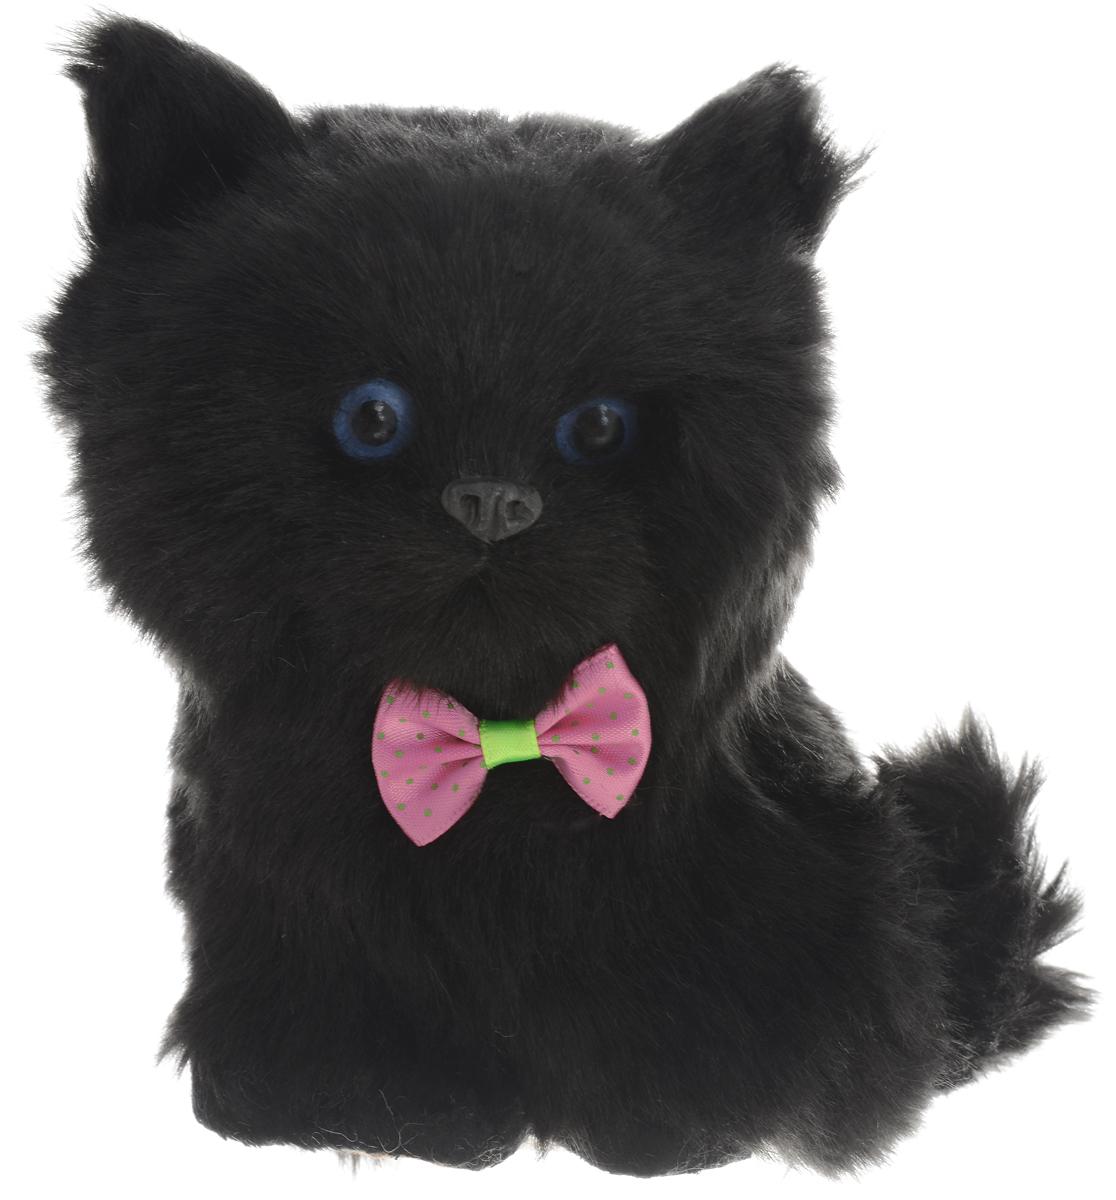 Фото - Vebtoy Фигурка Сидящий котенок цвет черный vebtoy фигурка спящий котенок на коврике со звуком мяу цвет черно белый